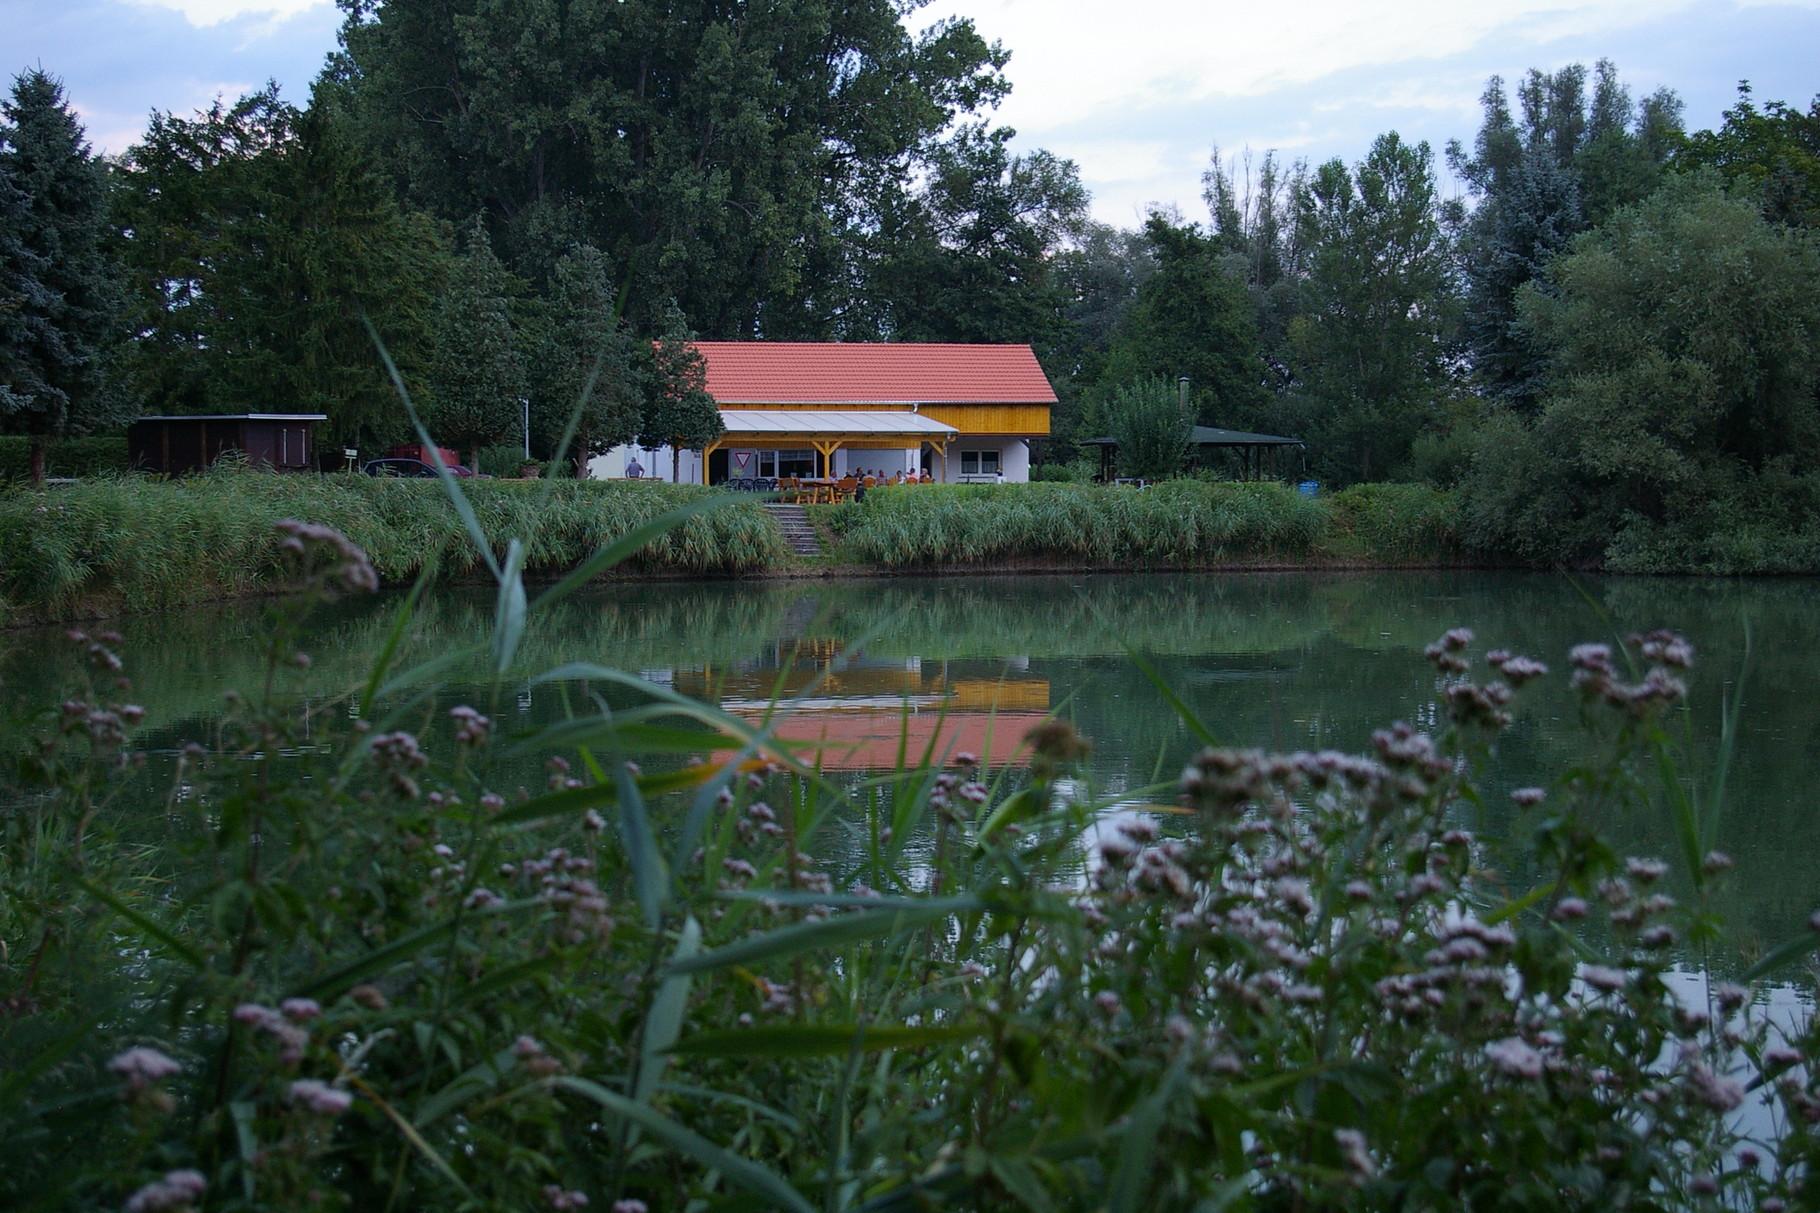 Sicht auf das Fischerhaus beim Rundgang um den See